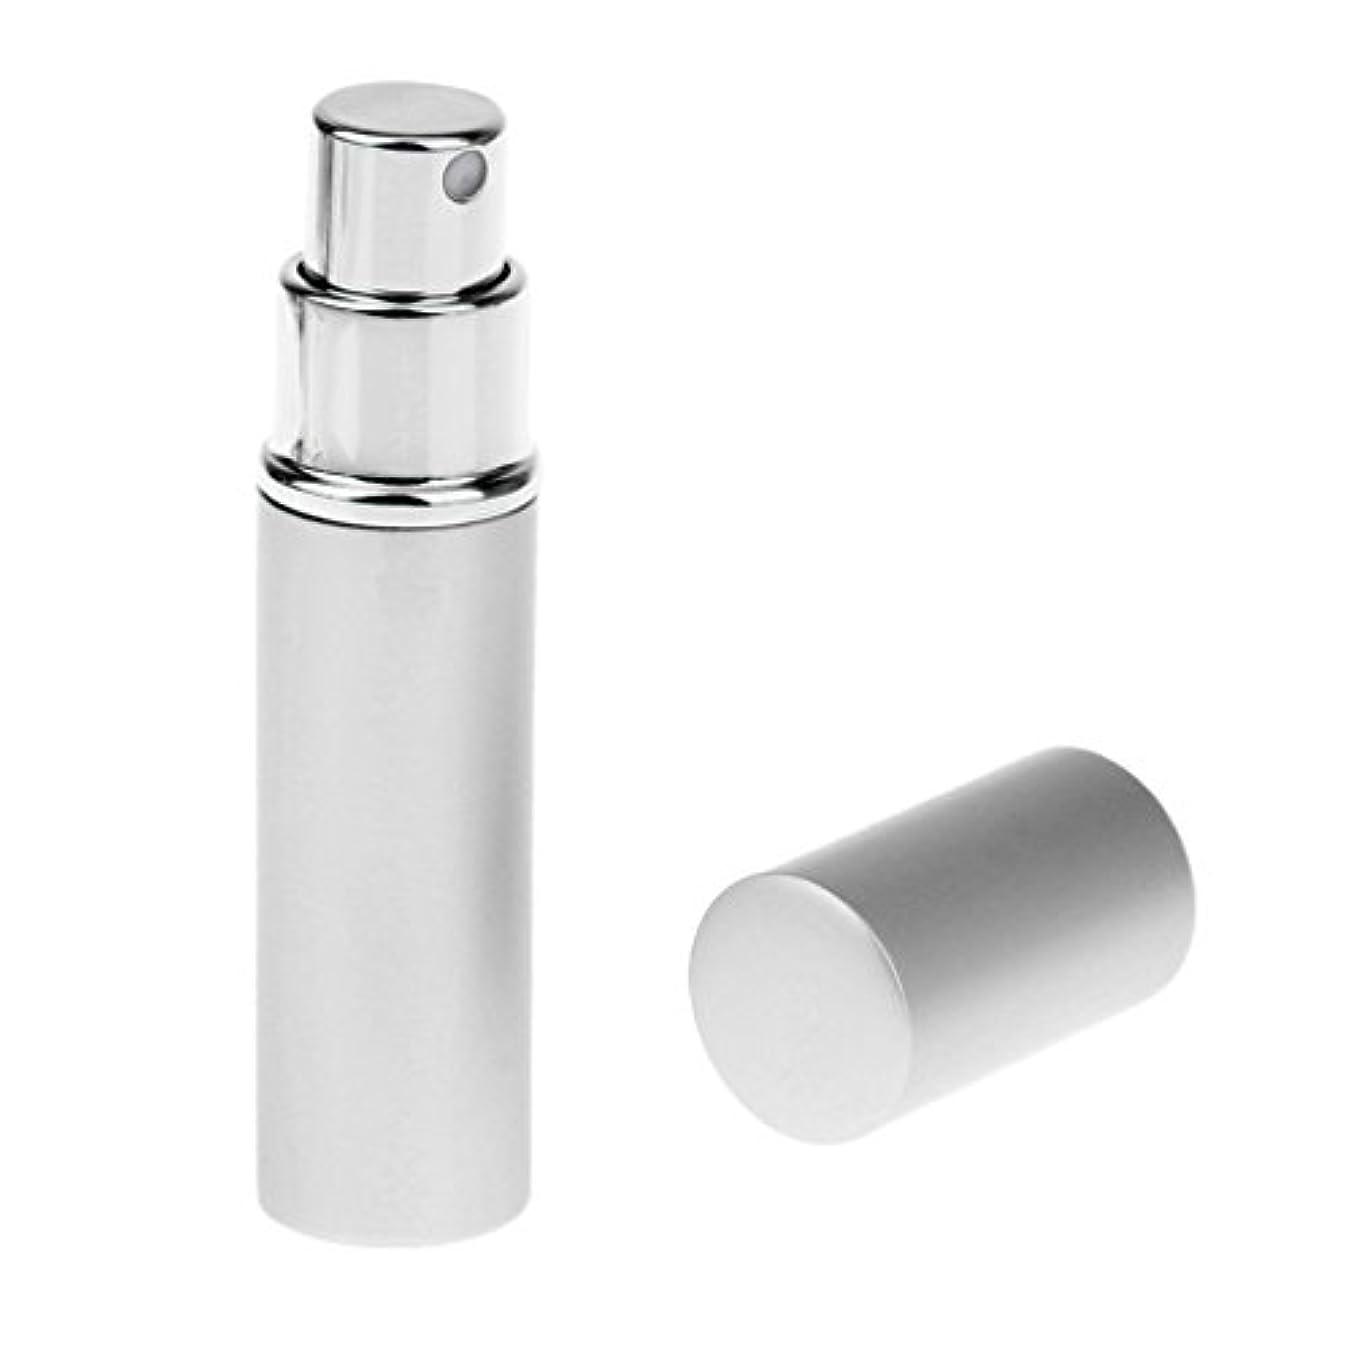 音楽コンデンサー規則性男女兼用 詰め替え可能 ポータブル アルミ ガラス製 香水アトマイザー 空ボトル ポンプ 銀色